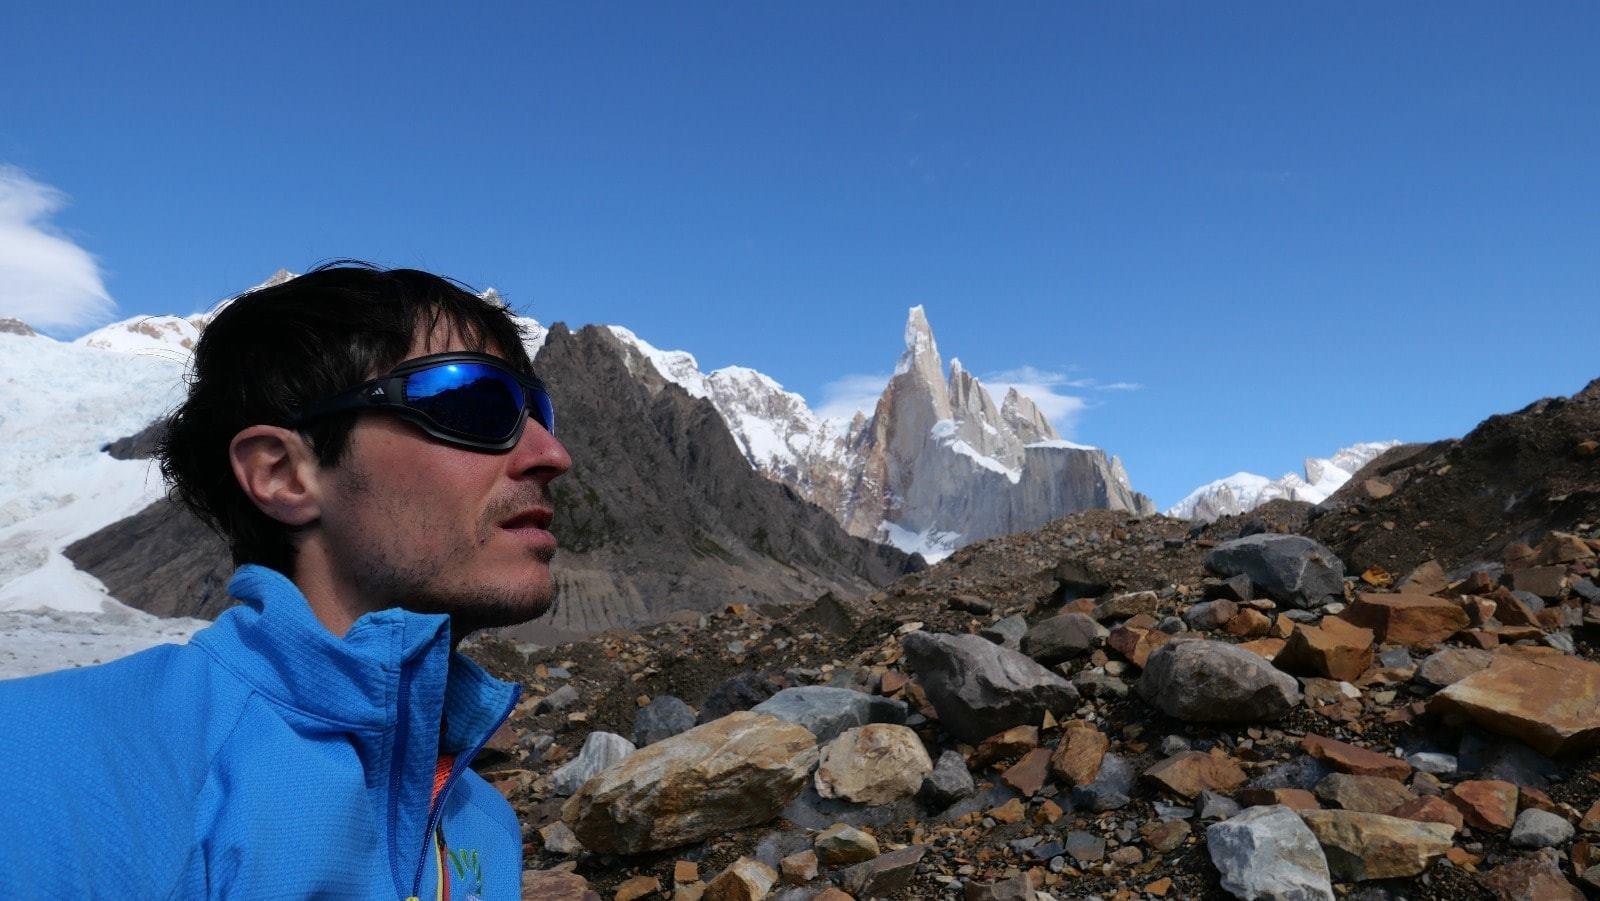 cerro torre, matteo della bordella, alpinismo, patagonia, podcast